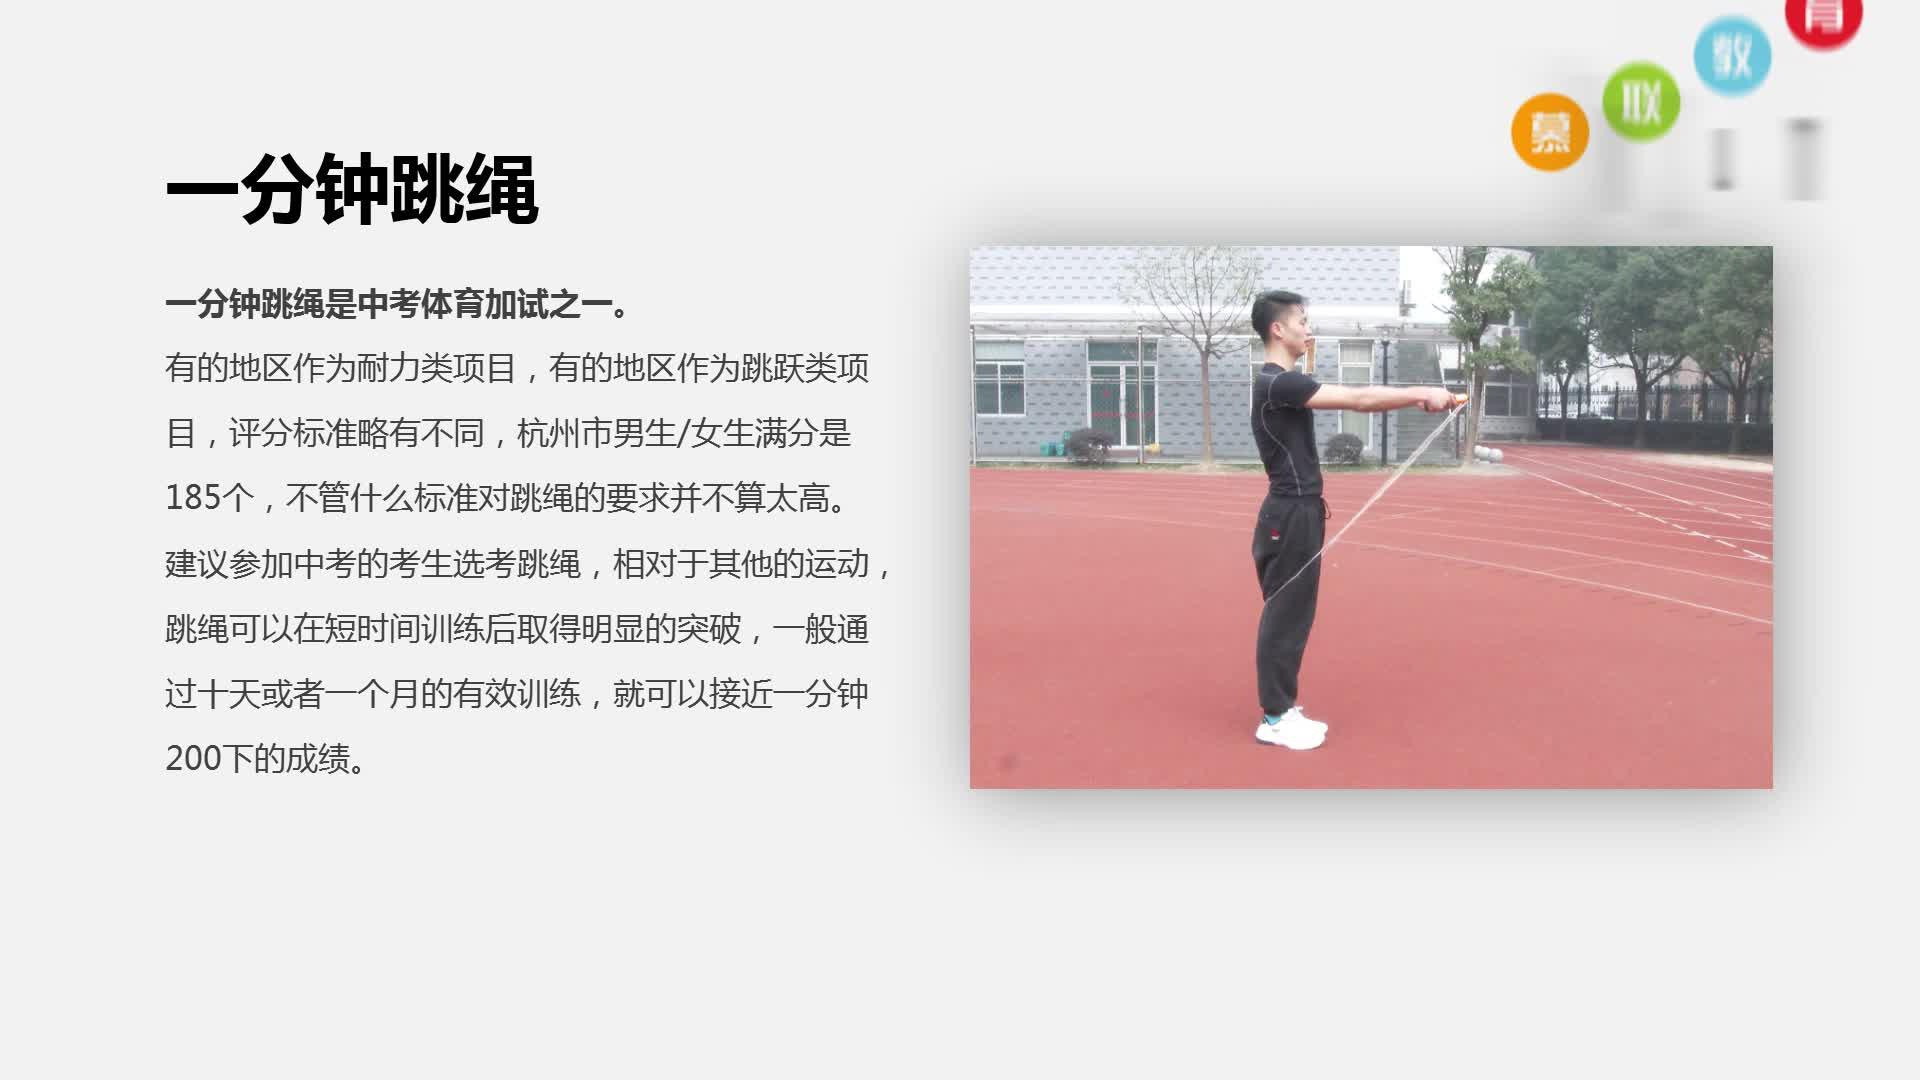 视频10 体育中考跳跃类之一分钟跳绳-【慕联】体育中考轻松拿满分